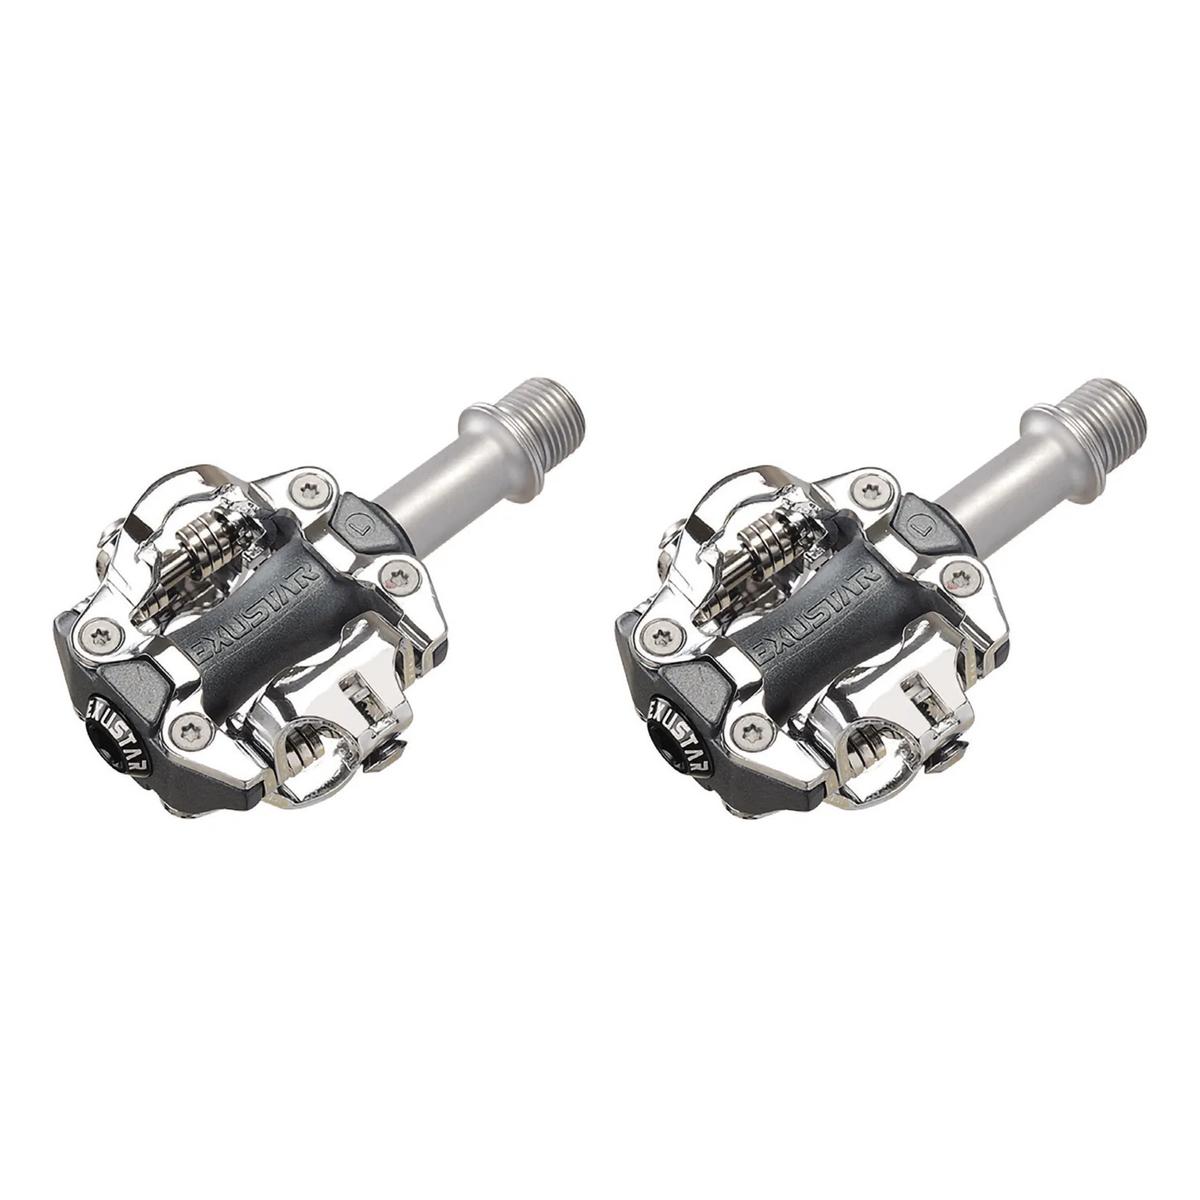 Coppia Pedali Mtb SPD E-PM213 Alluminio